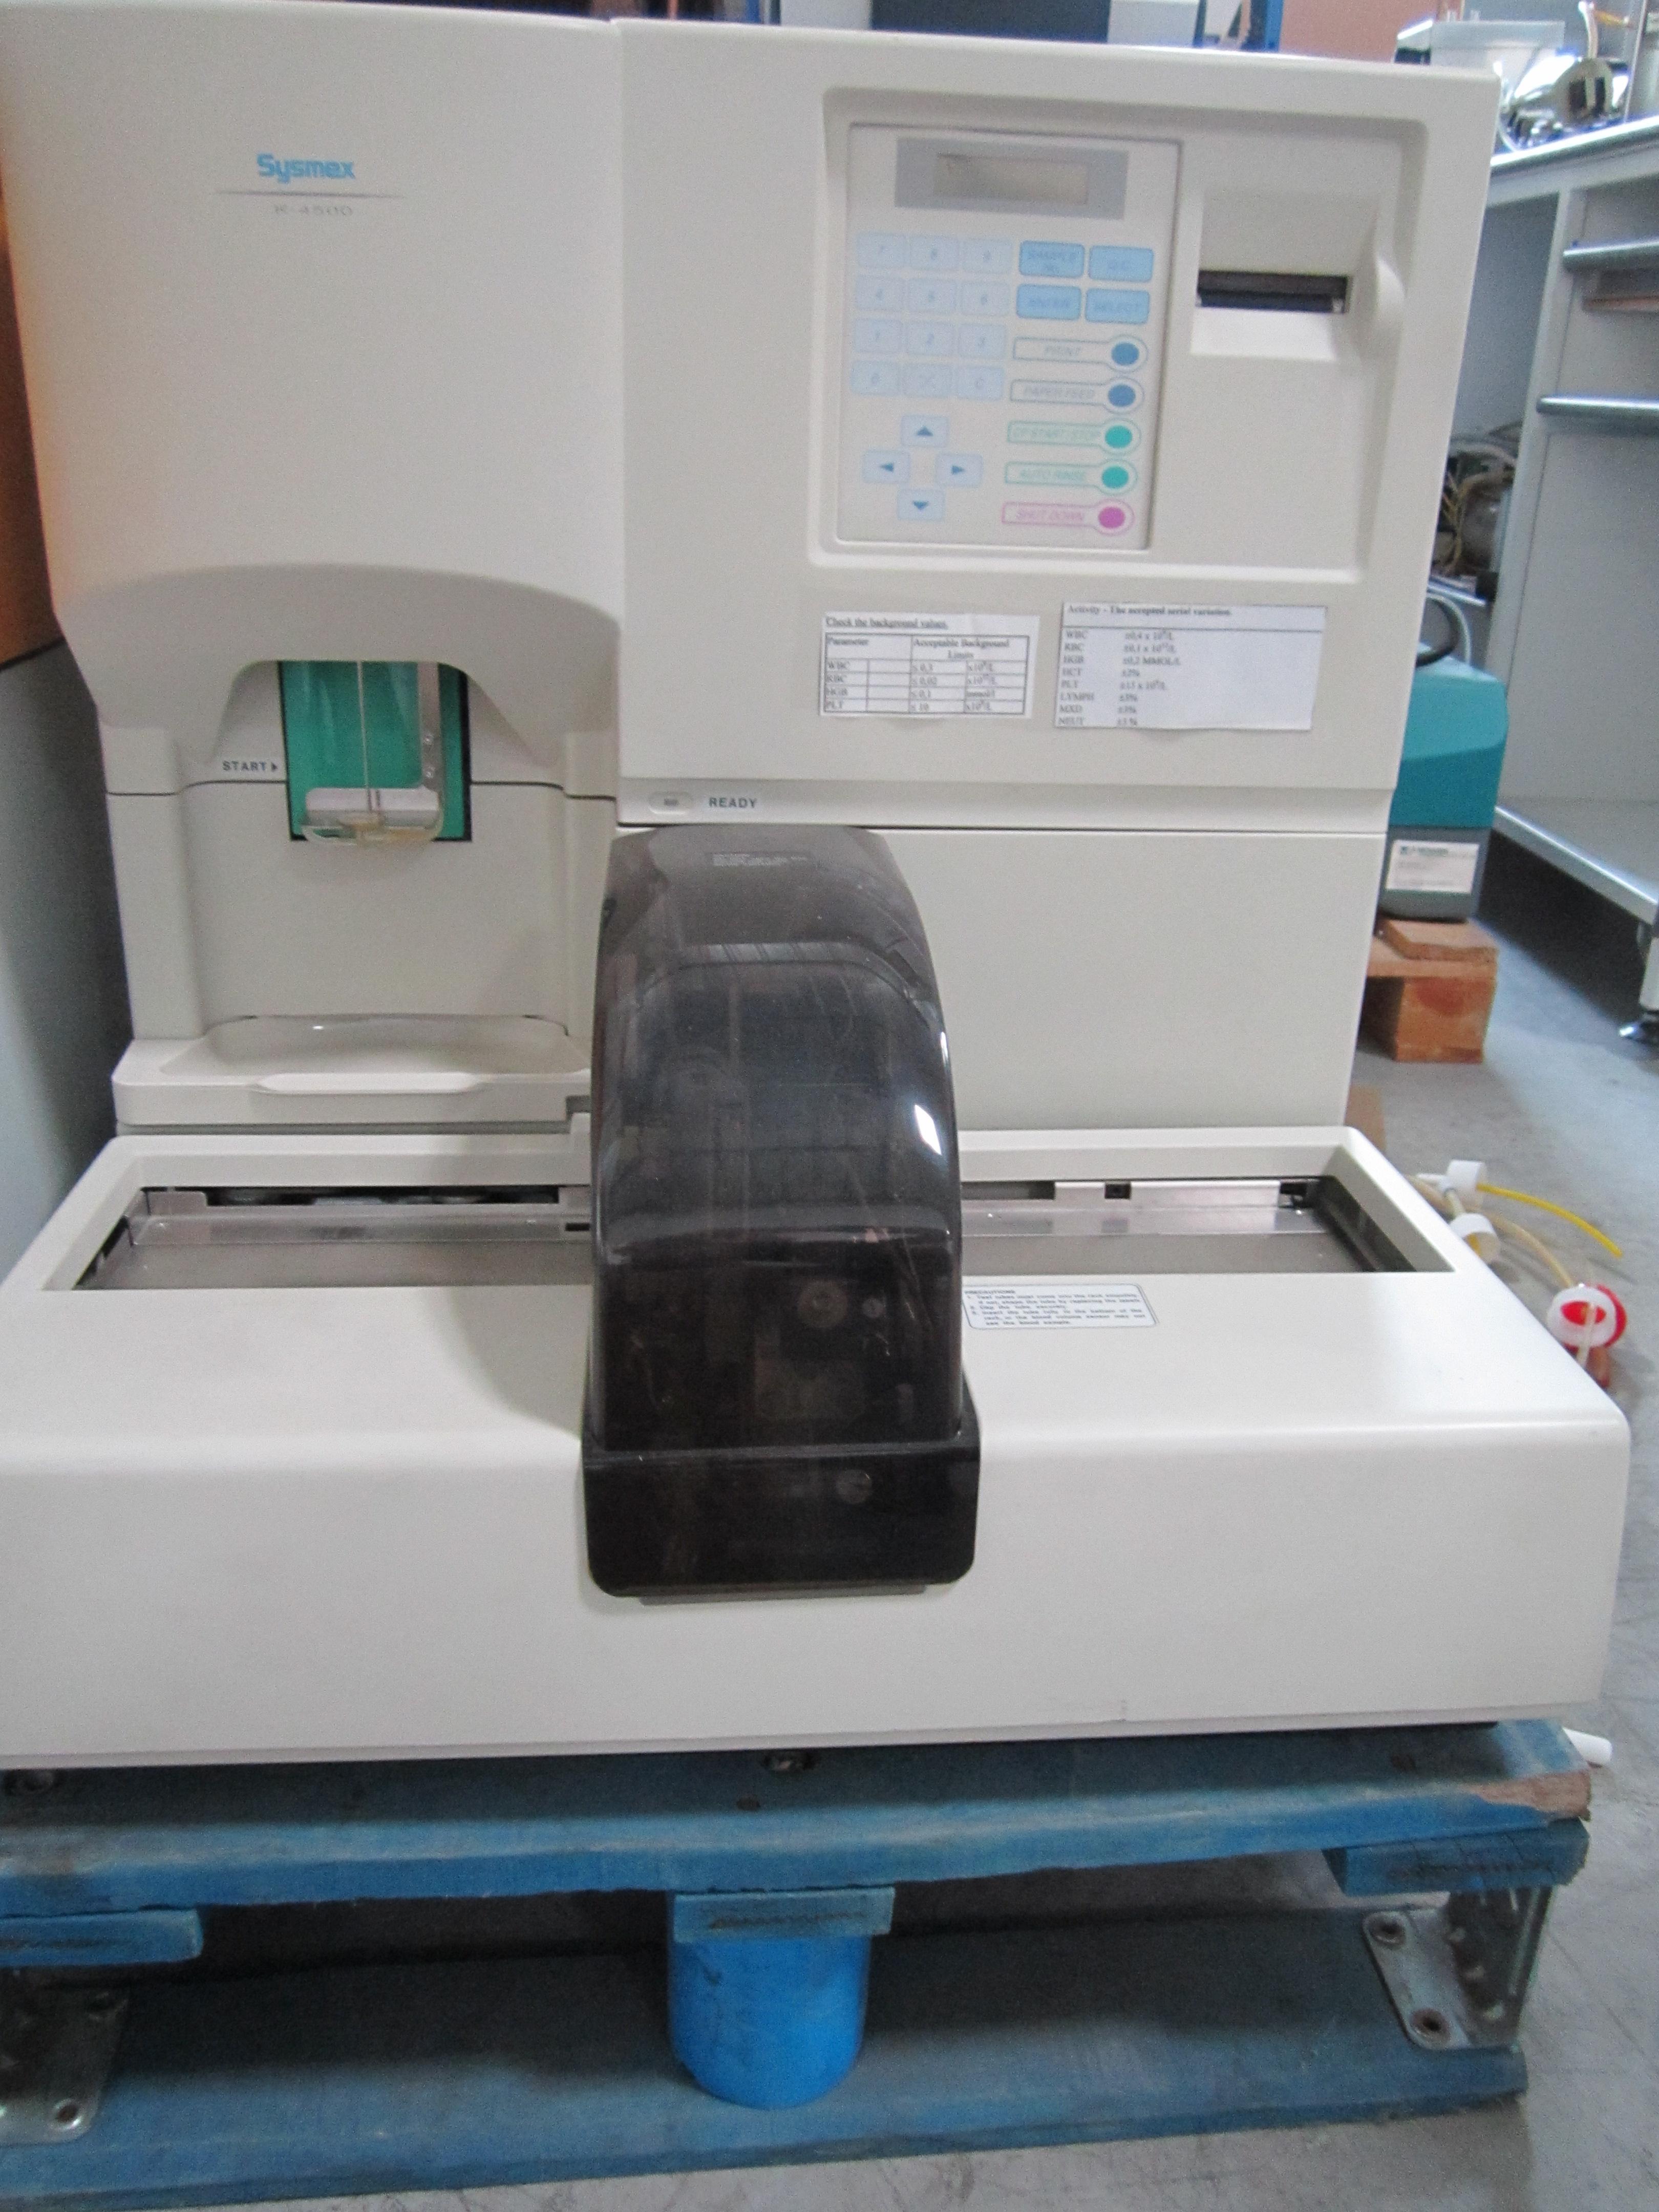 Refurbished SYSMEX K4500 Hematology Analyzer For Sale - Bimedis ID1106269